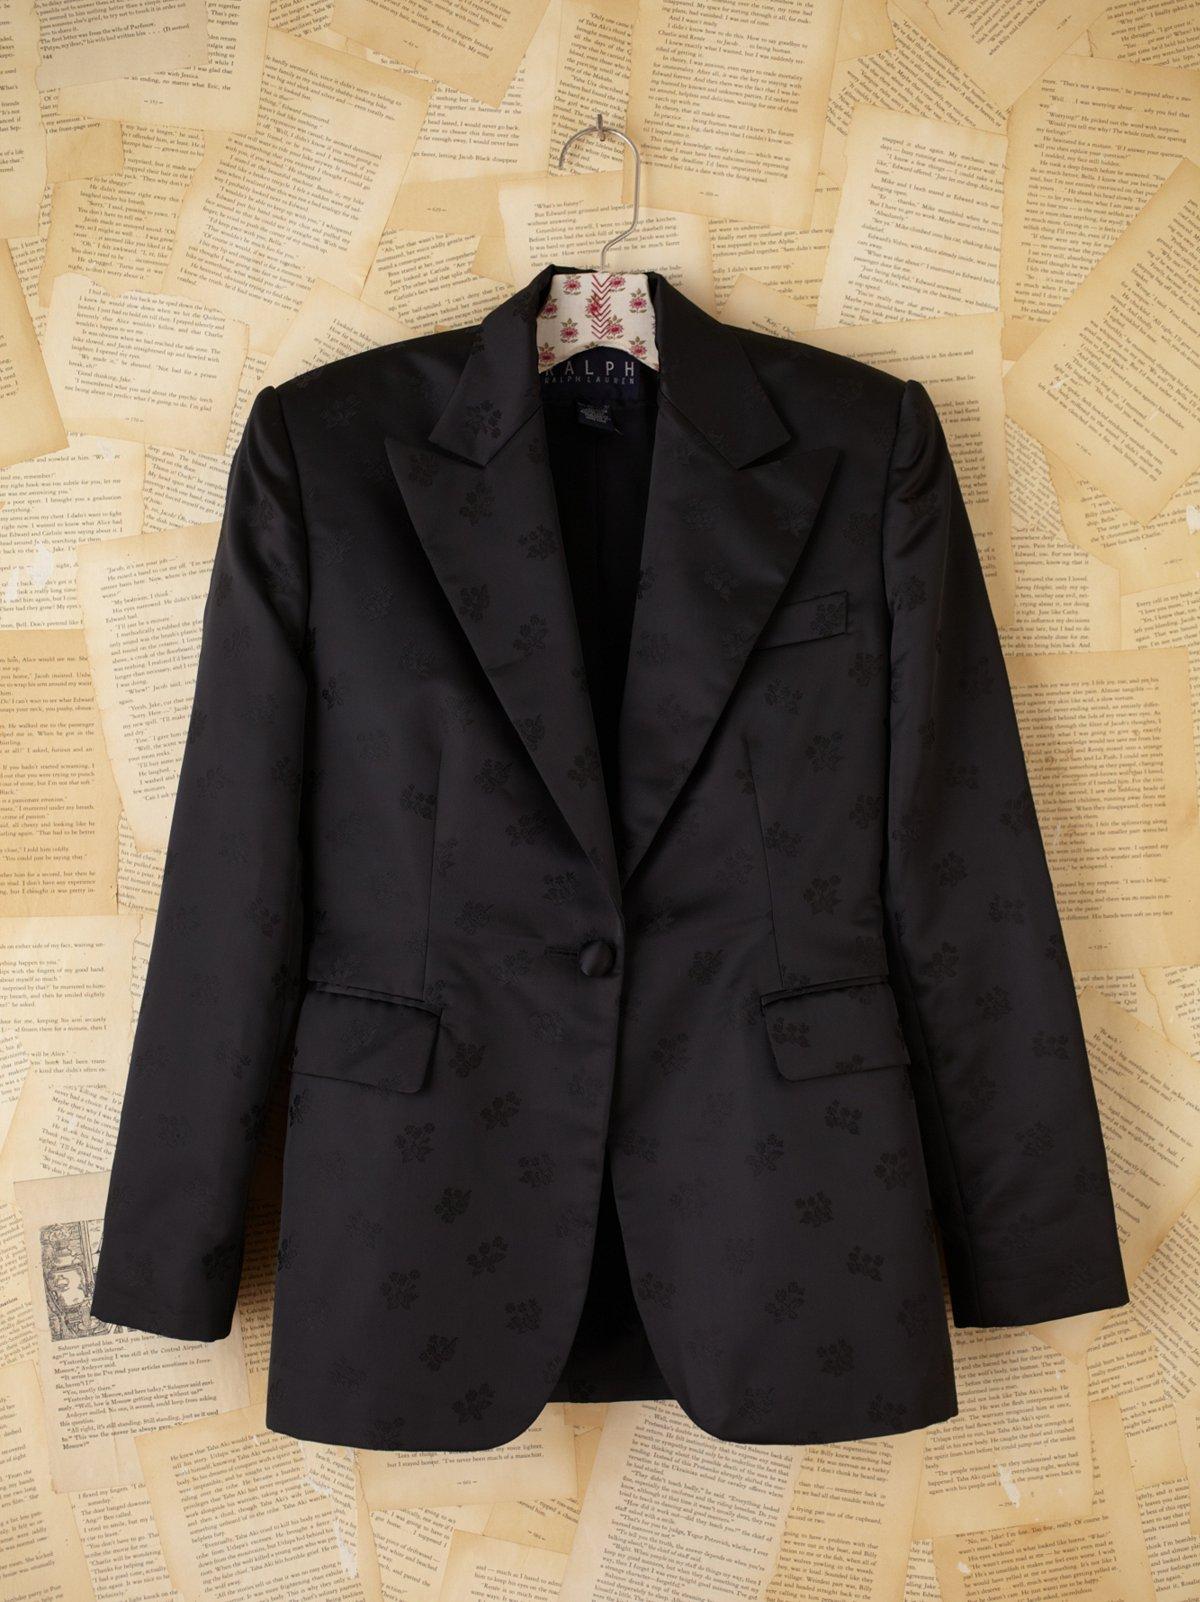 Vintage 1980s Ralph Lauren Satin Jacket